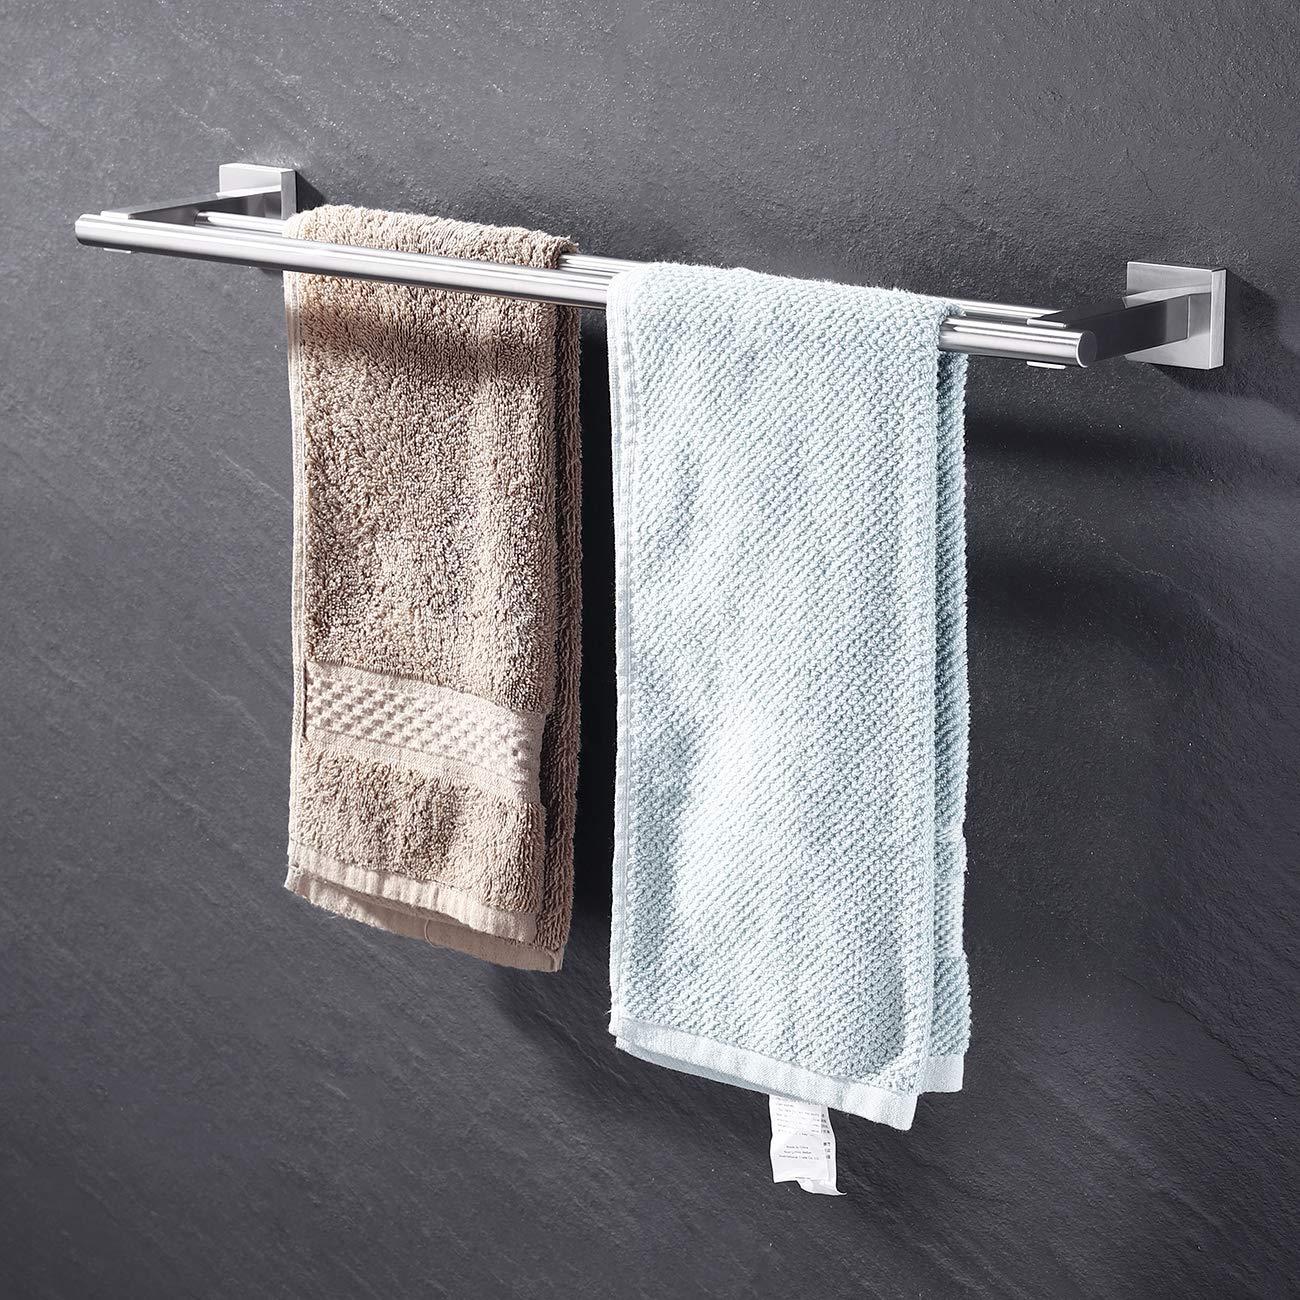 Amazon.com: Kes A2201 - Toallero de pared para baño (acero ...